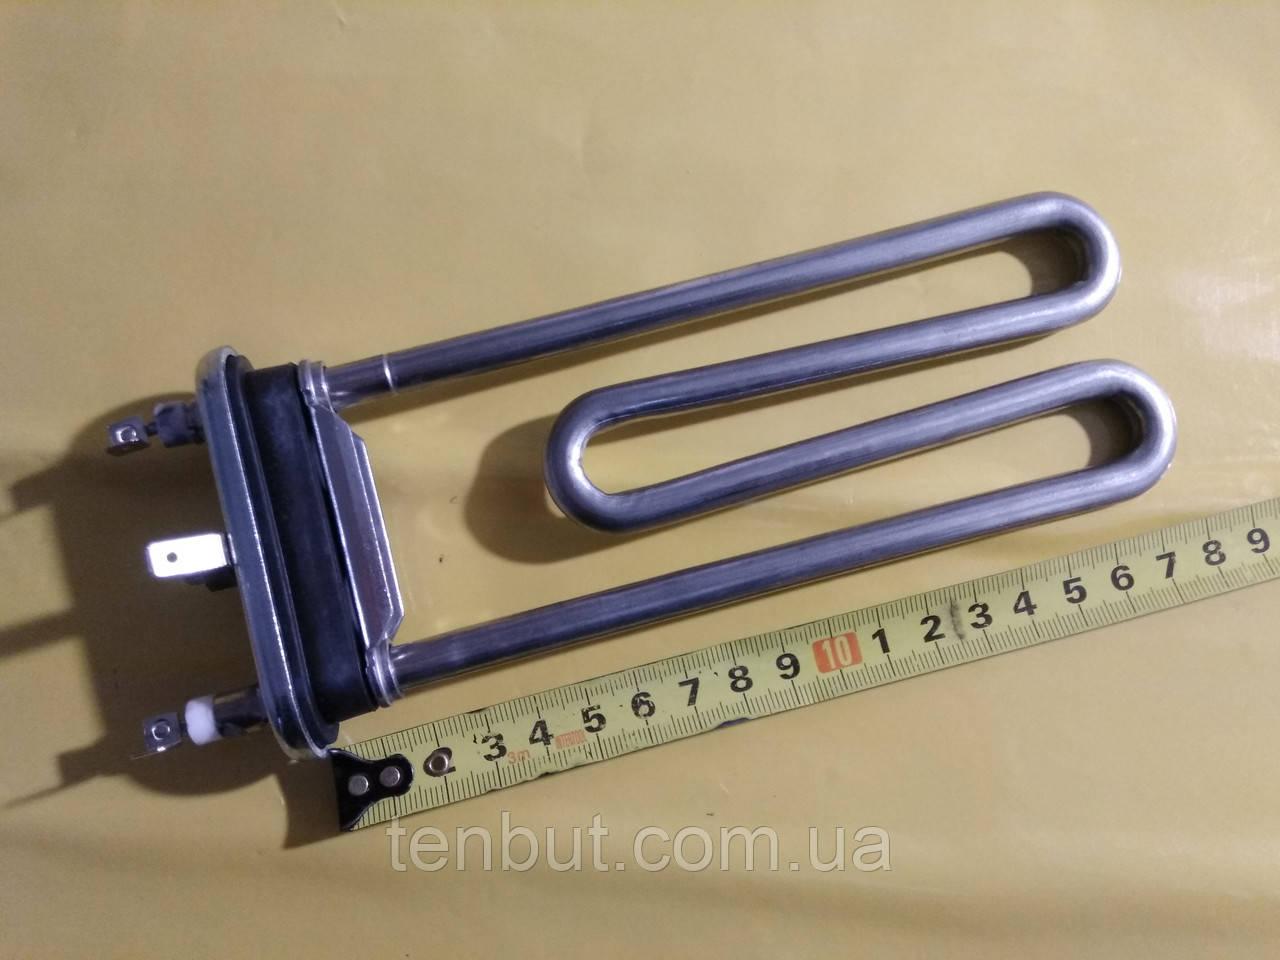 Тен на пральну машинку 1900 Вт. / 183 мм. виробництво KAWAI Китай оригінал